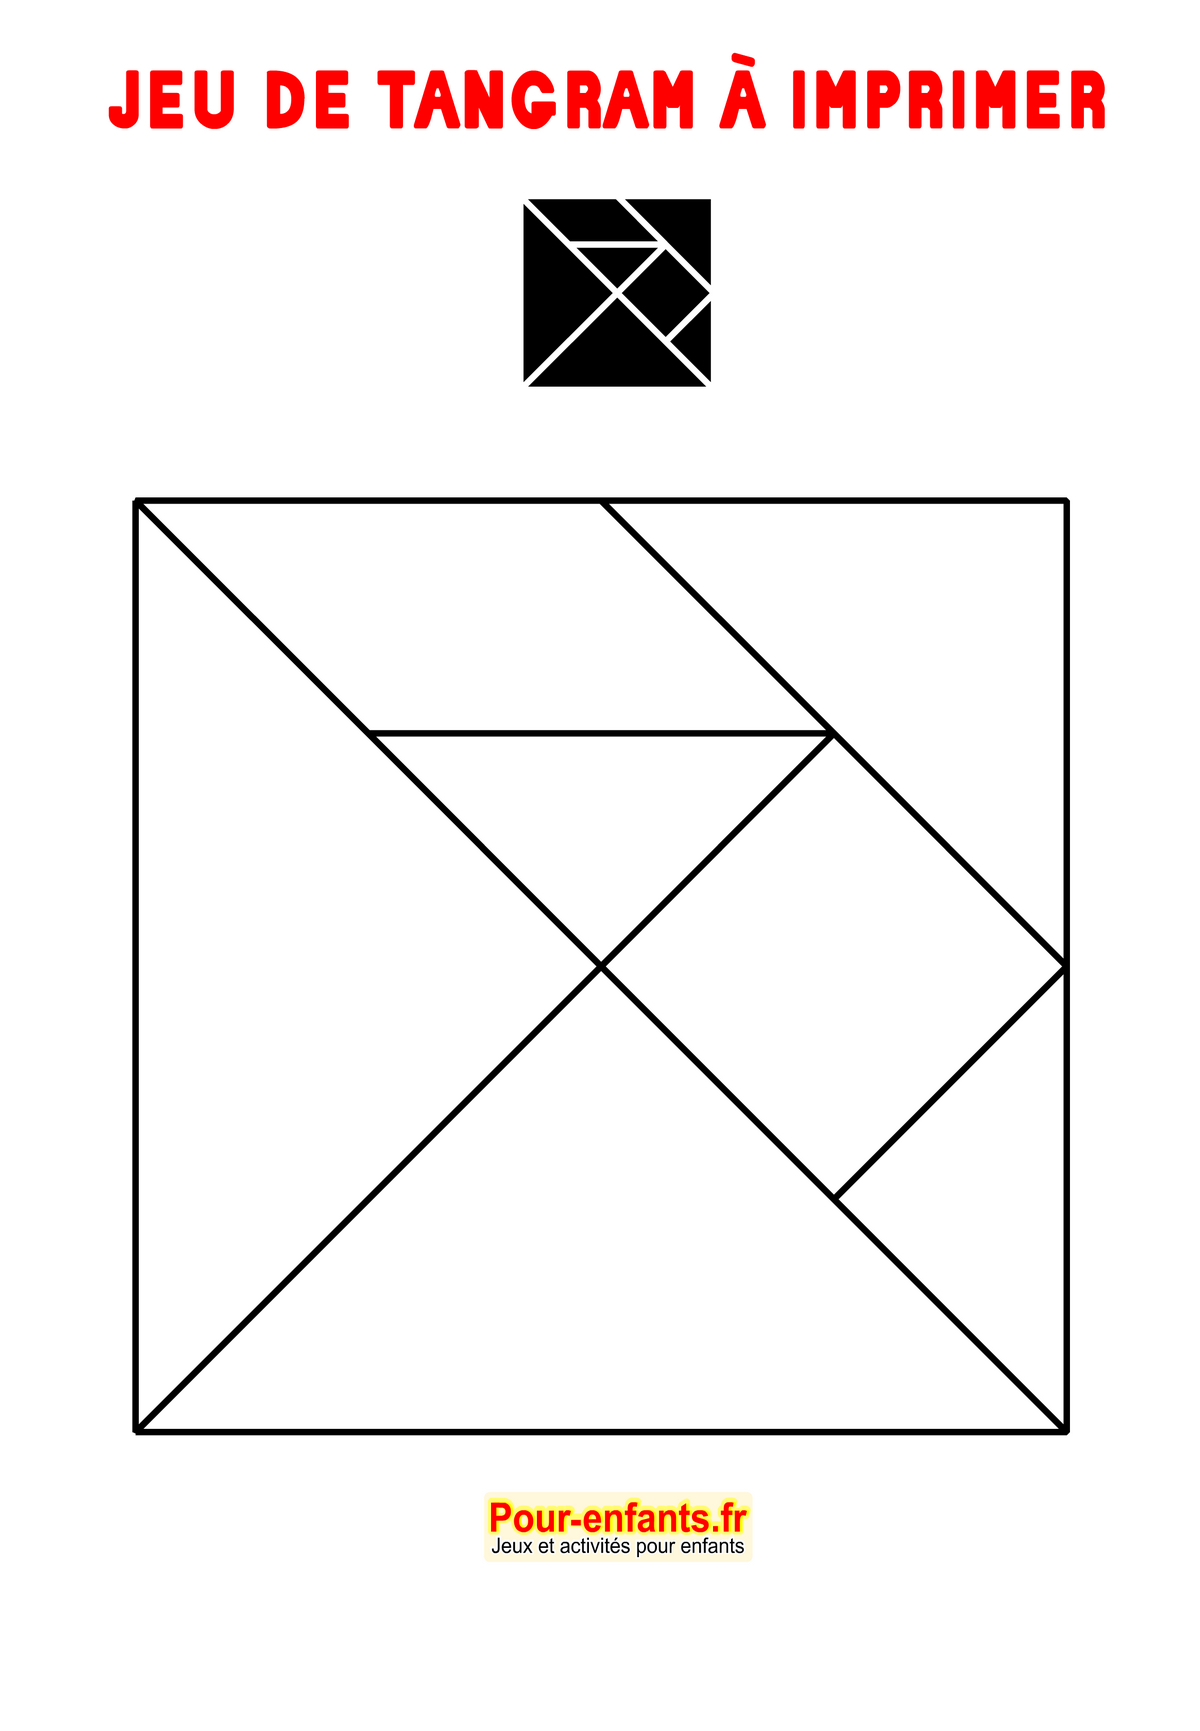 Tangram À Imprimer Maternelle Gratuit Jeux Tangrams destiné Jeu Educatif Ce2 Gratuit